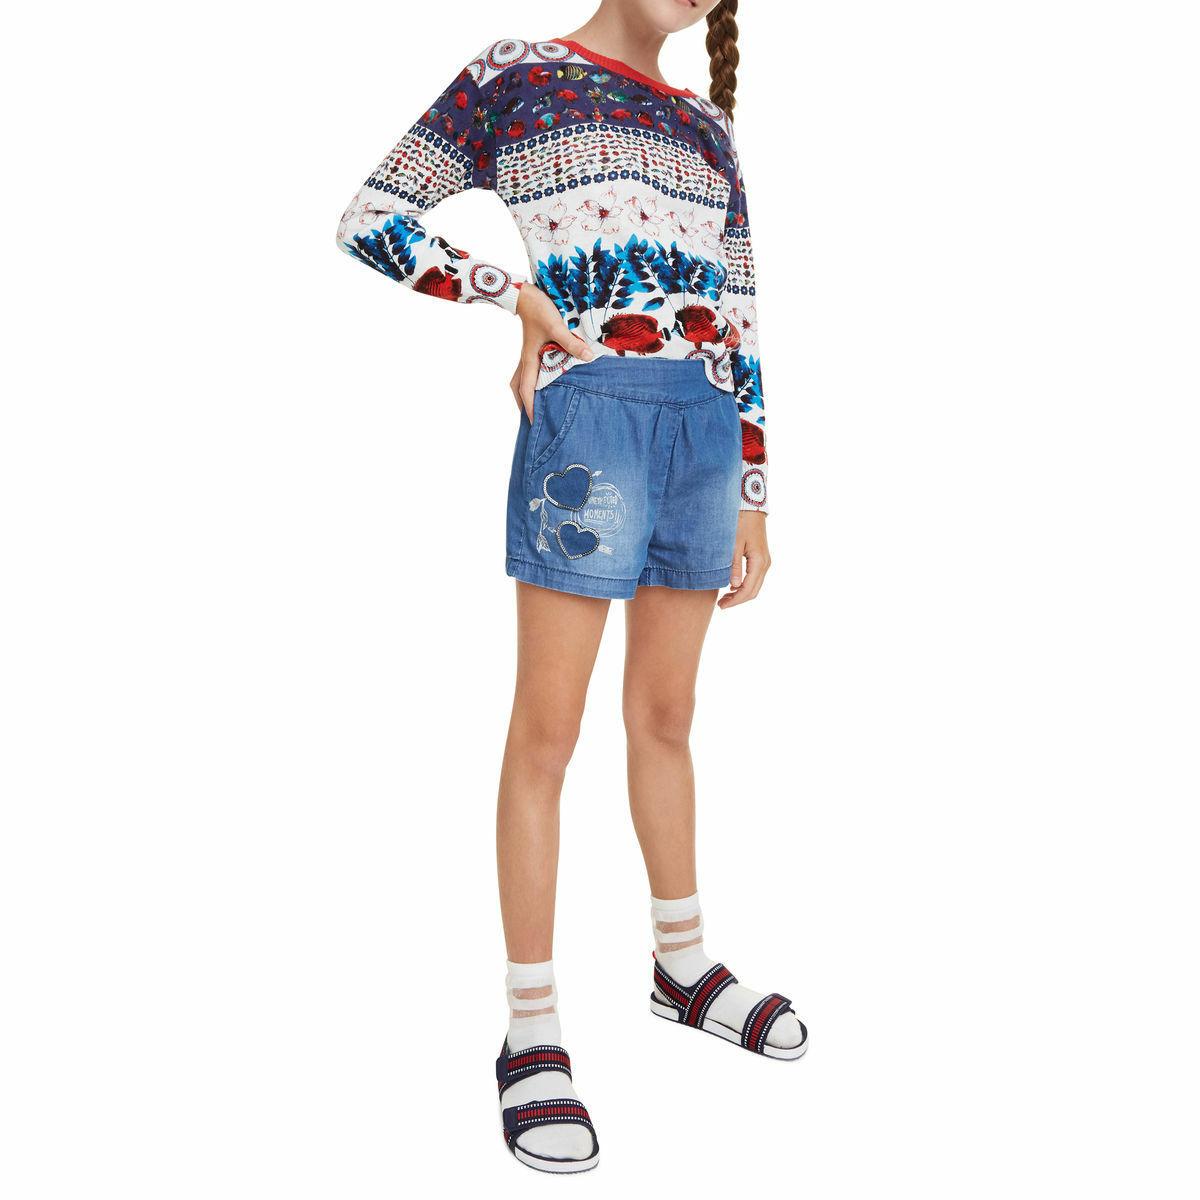 Bild 3 von Desigual Mädchen Jeansshorts